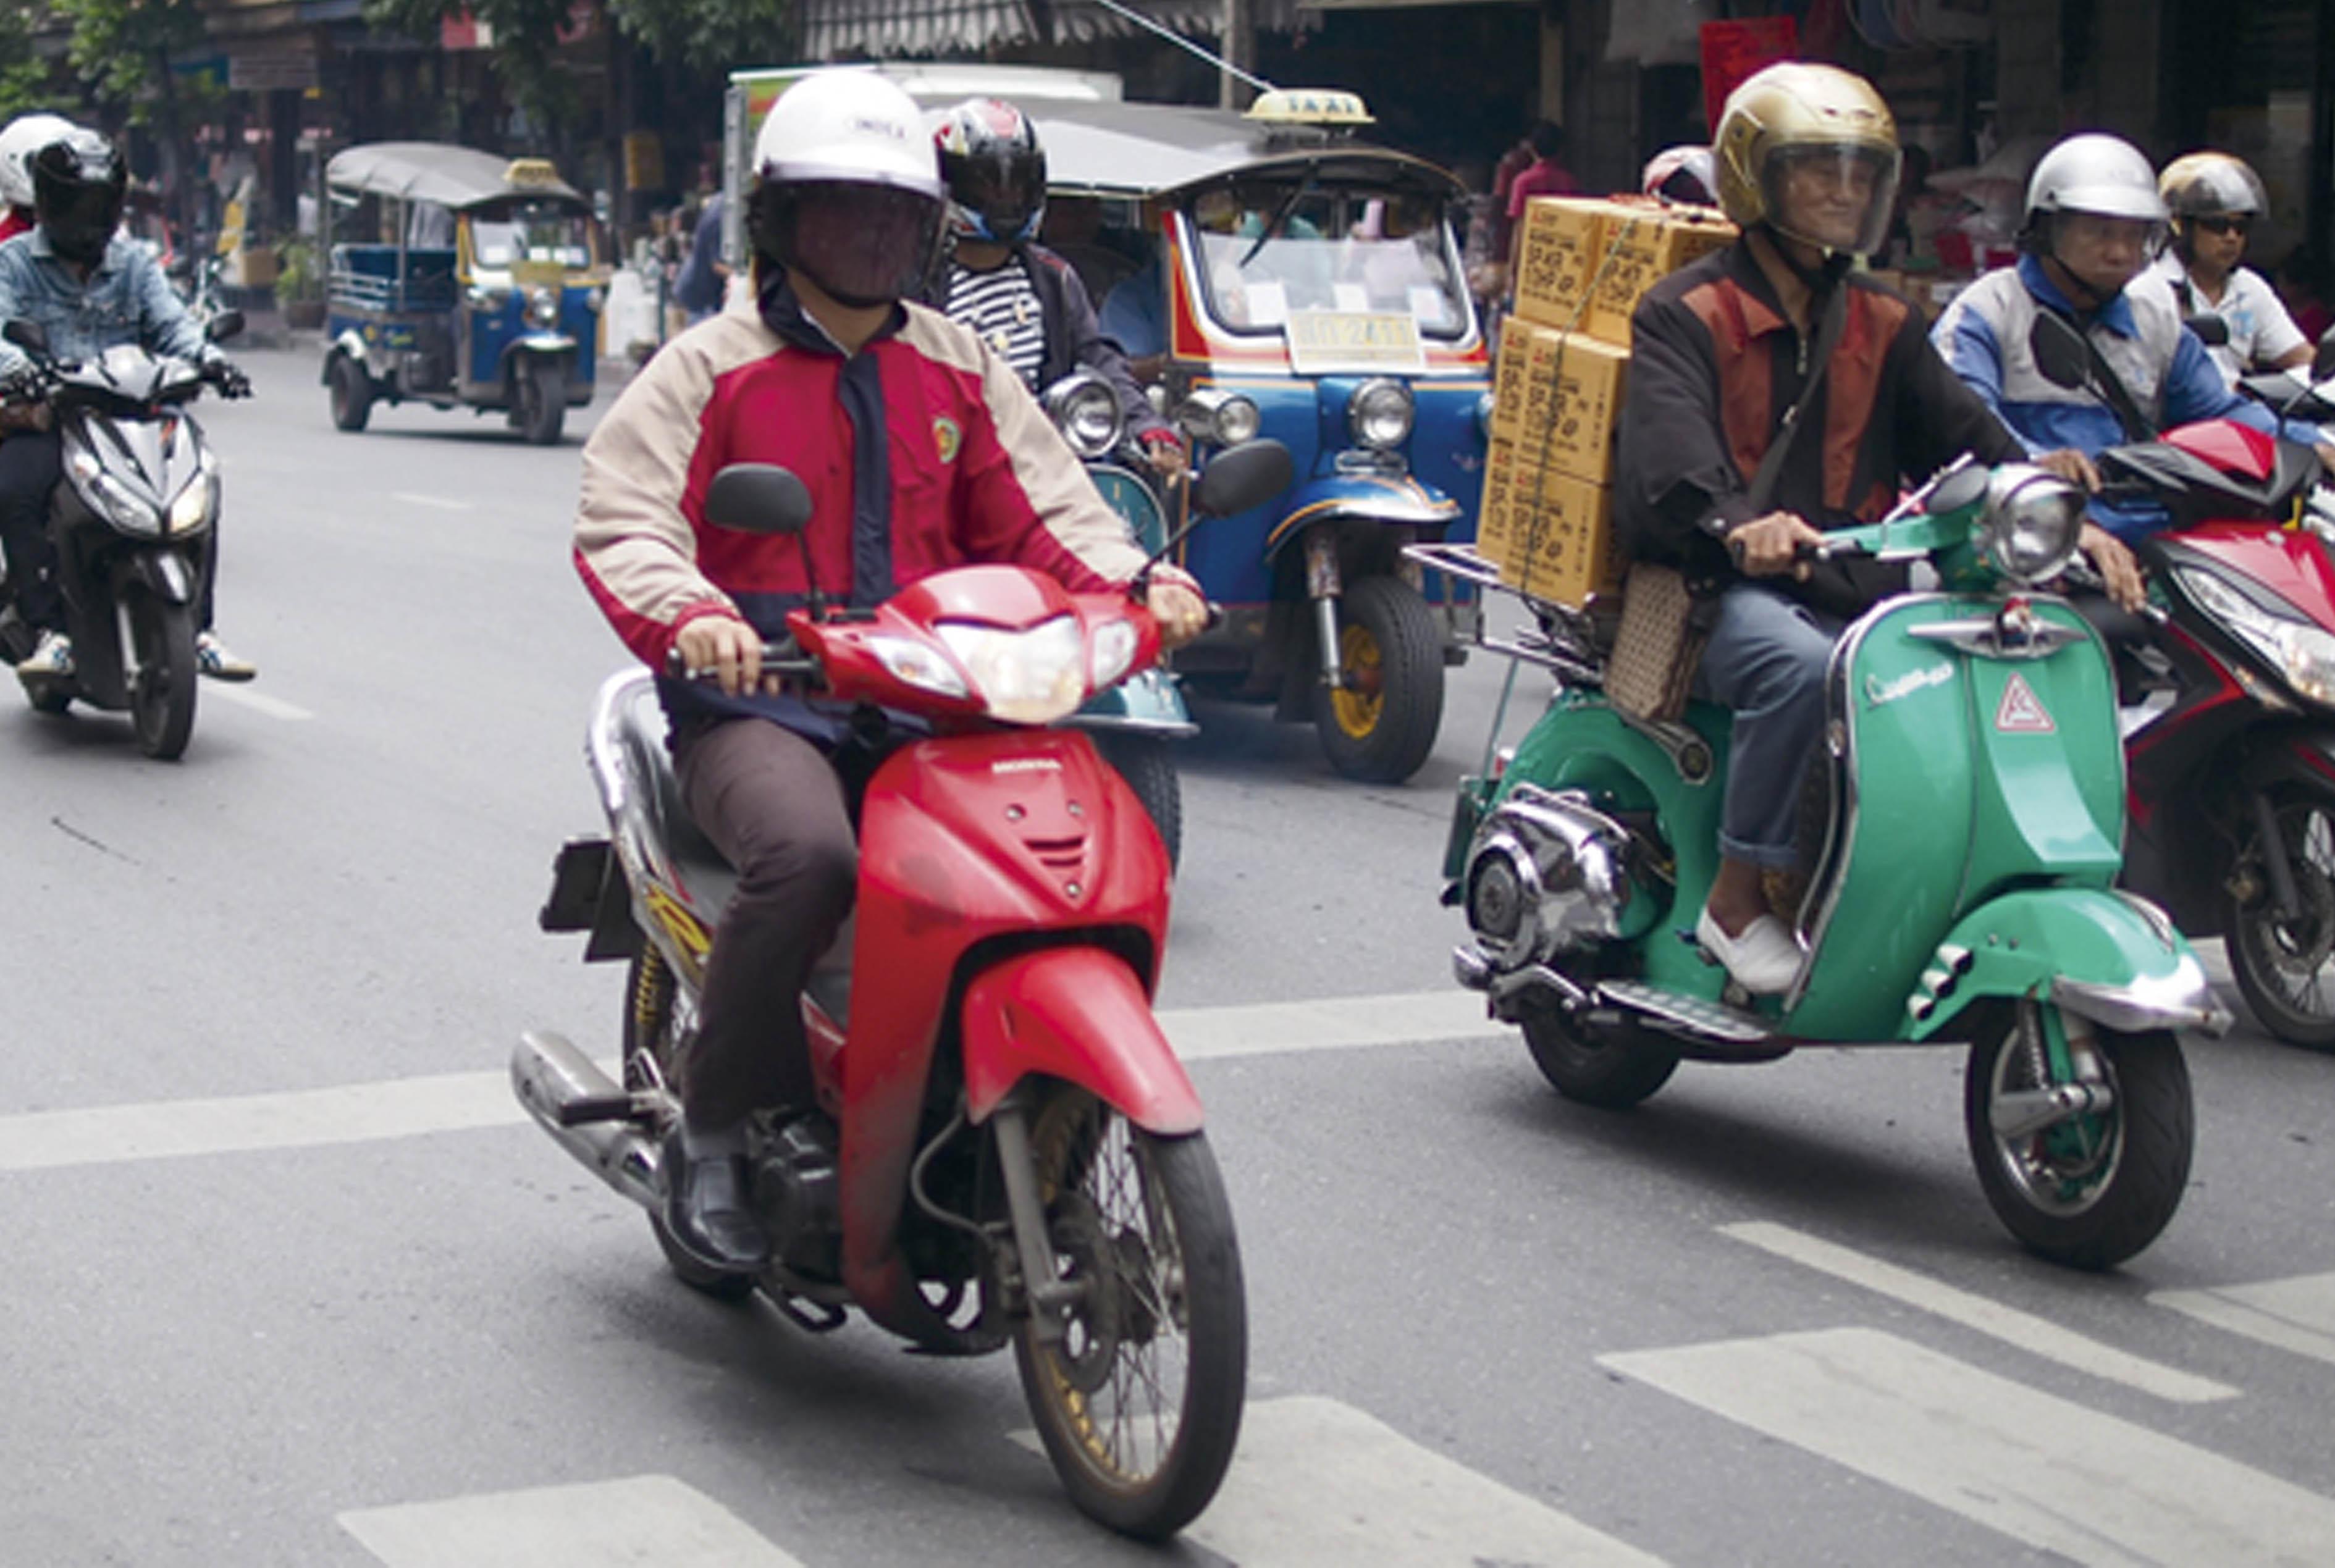 バイクの陸橋・トンネル通行一部禁止に - ワイズデジタル【タイで生活する人のための情報サイト】